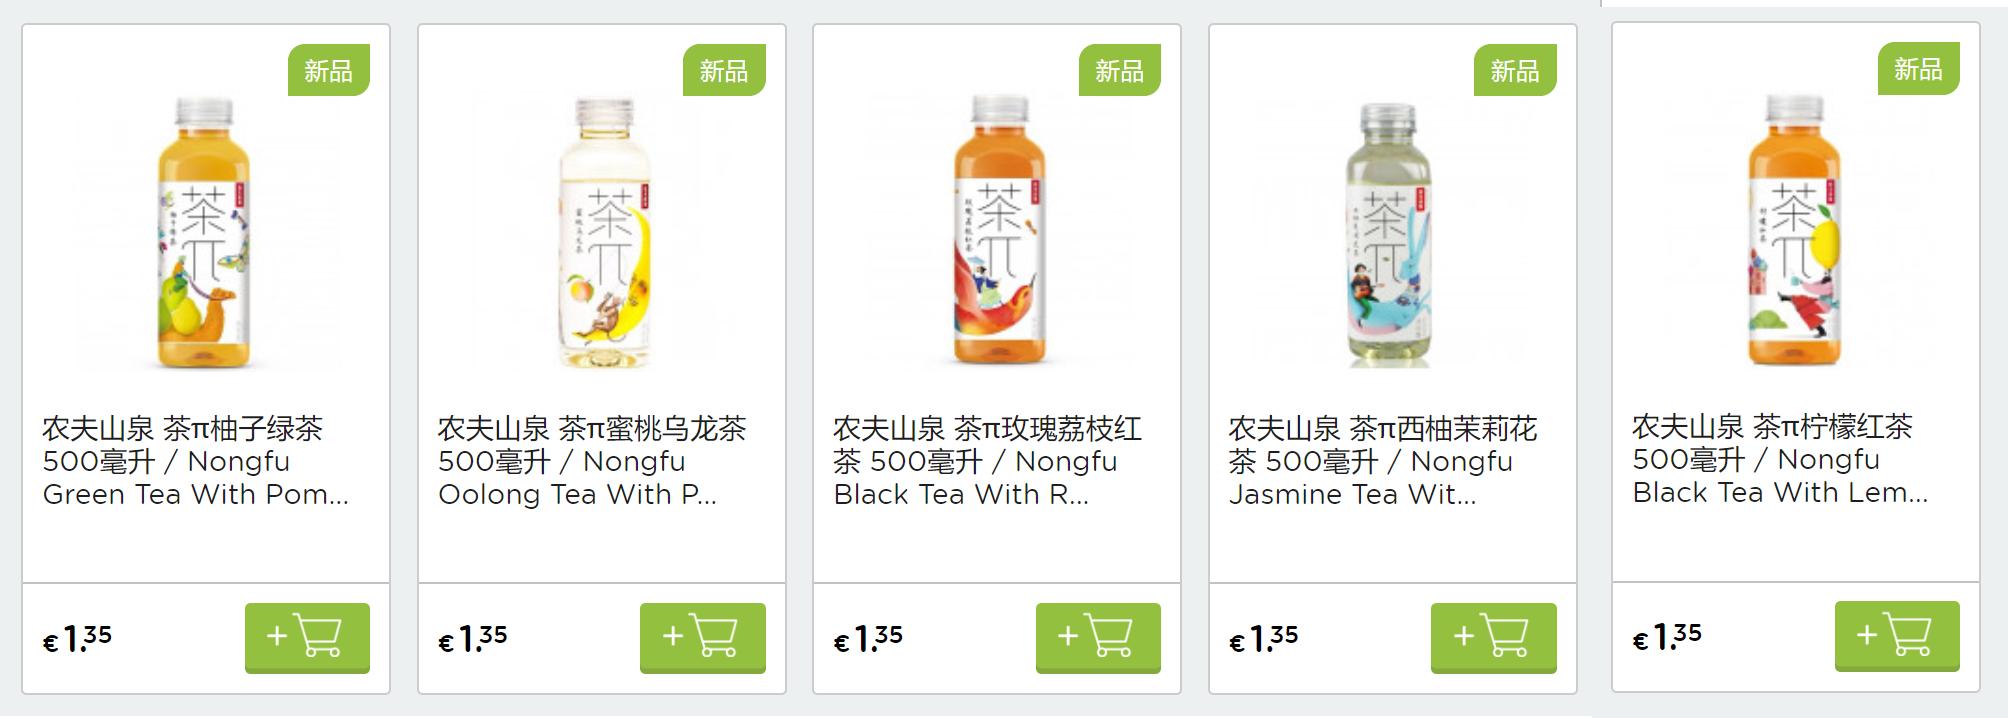 OMG!兰芳园奶茶上架还特价!多款应节产品上新!这个端午节便宜都让你占了